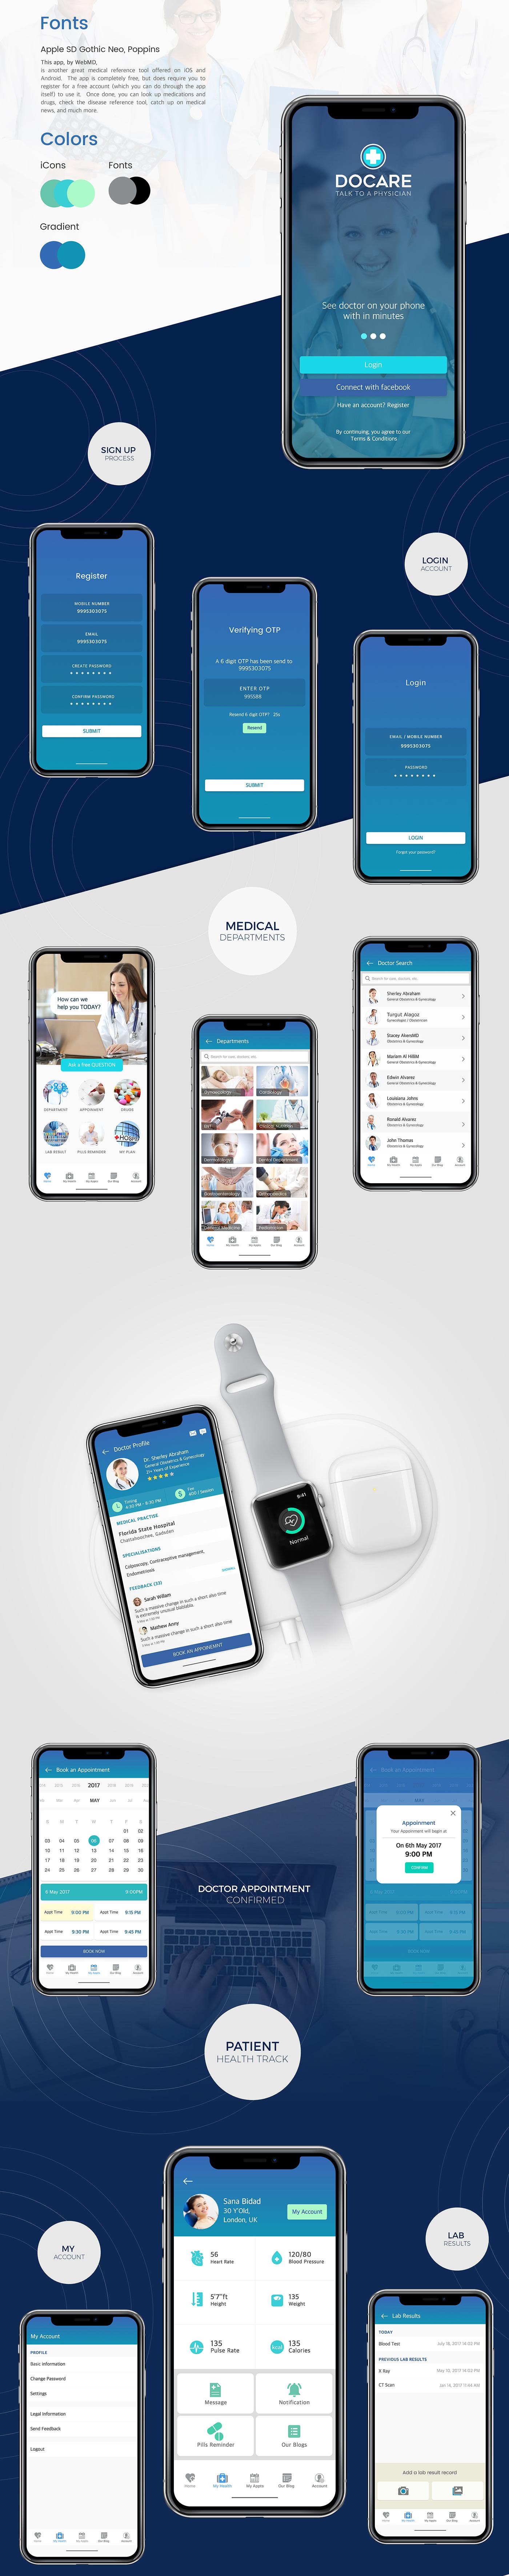 Docare - Бесплатный набор UI медицинского iOS приложения для Adobe XD